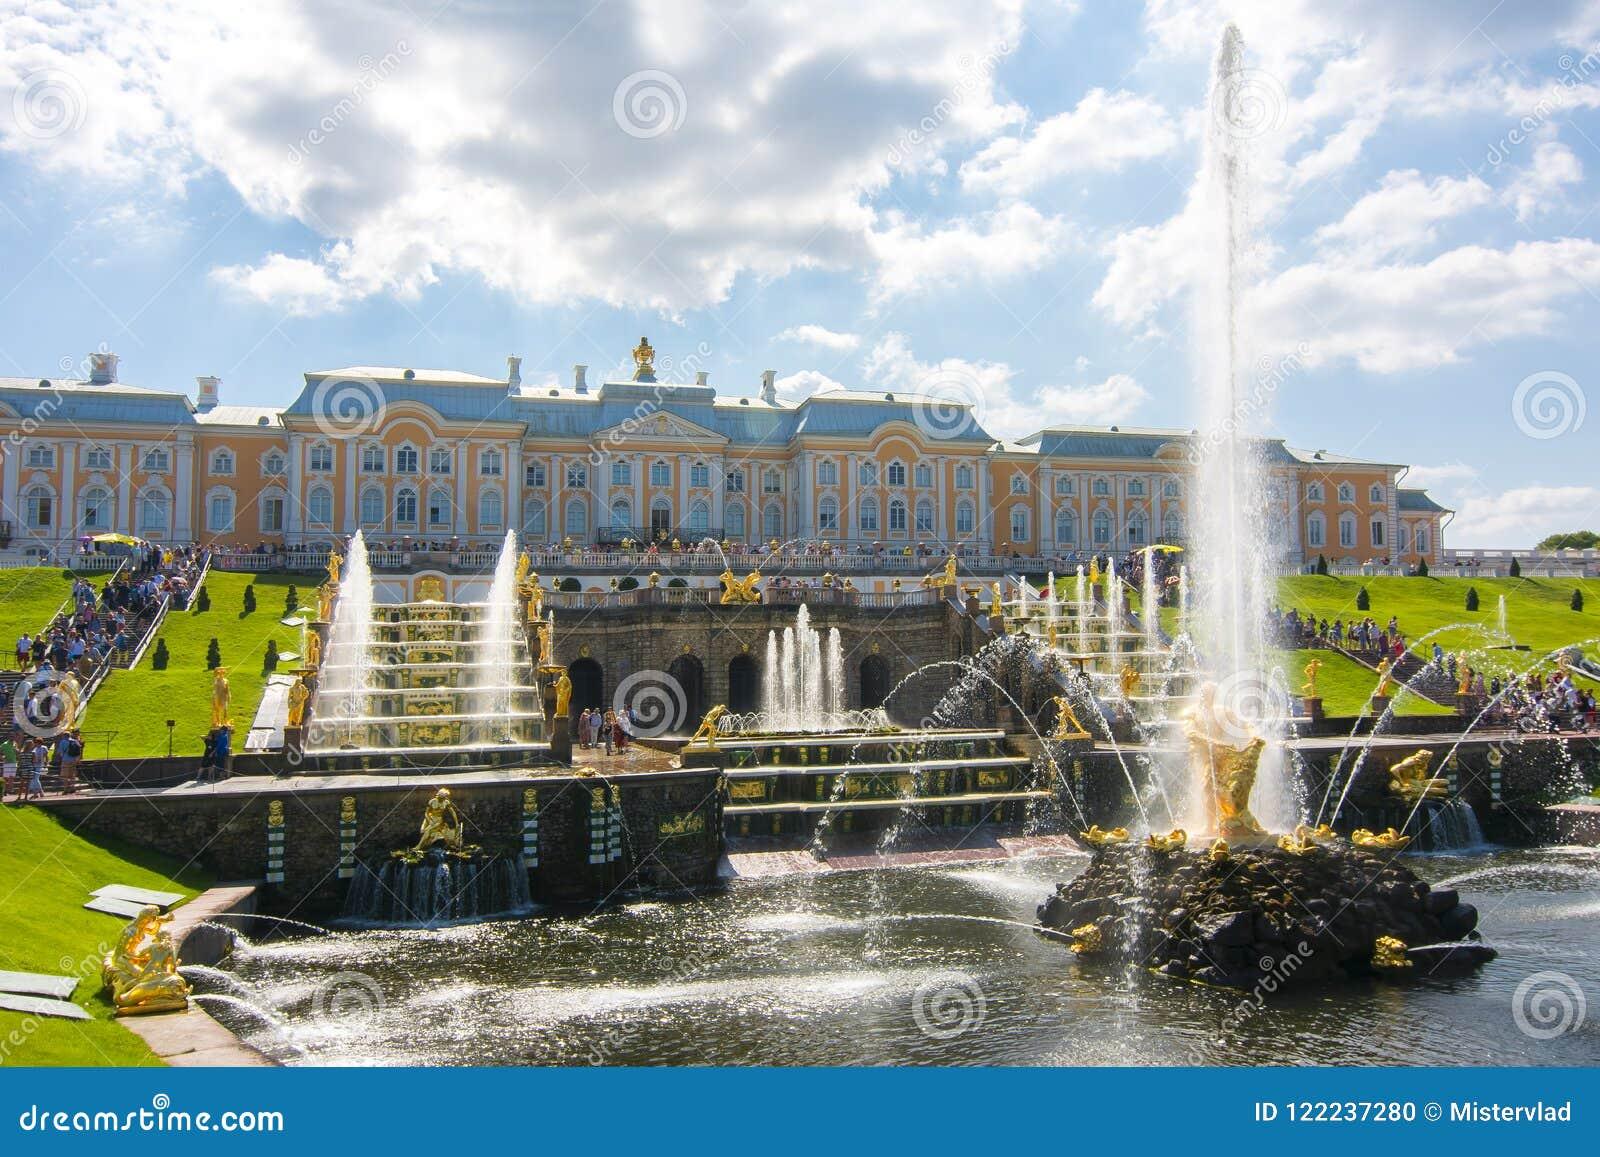 Großartige Kaskade des Peterhof Palast- und Samson-Brunnens, St Petersburg, Russland